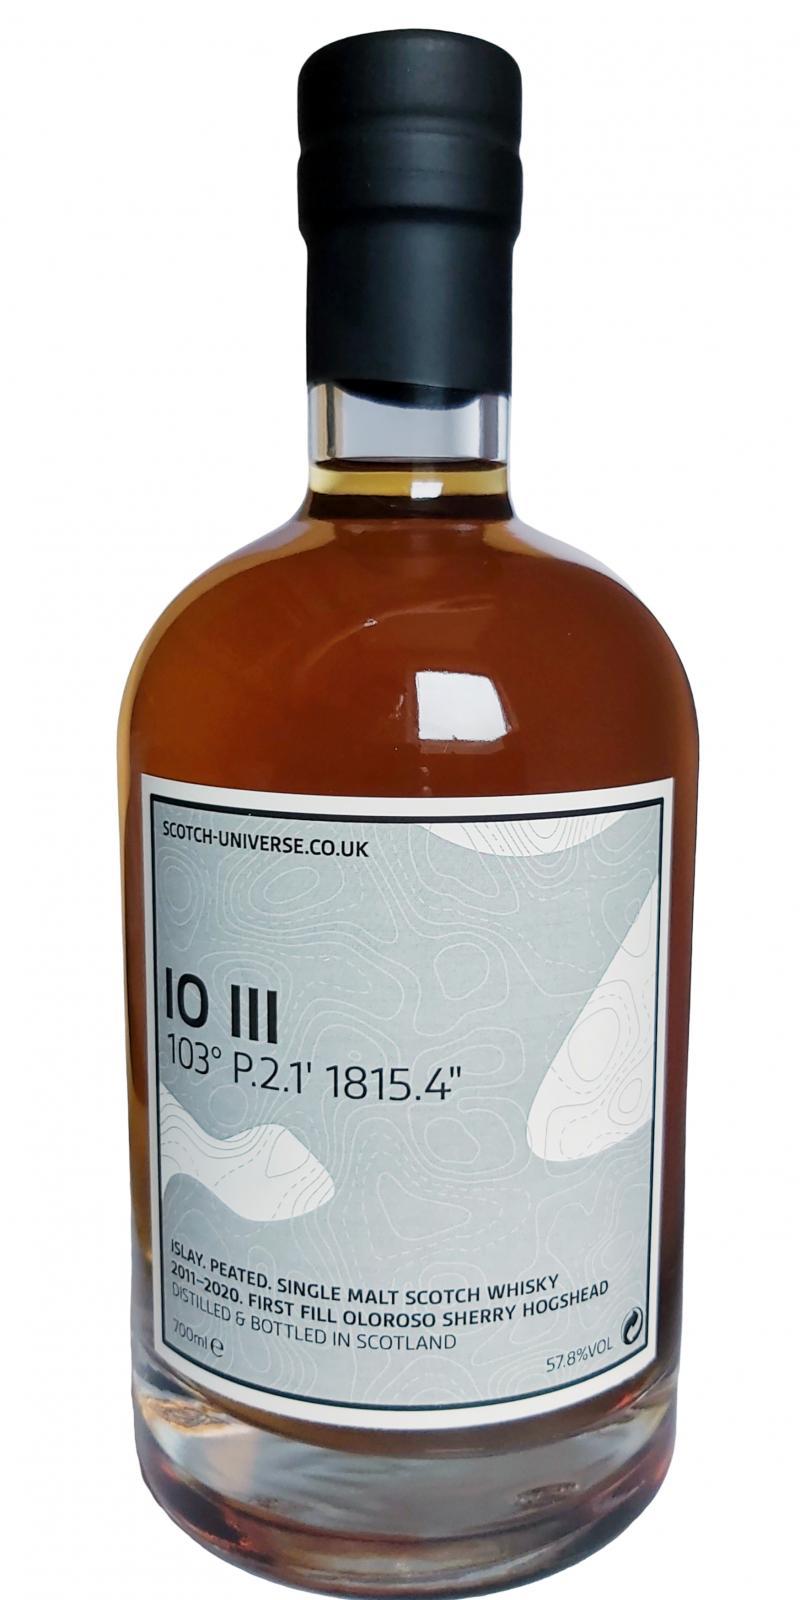 """Scotch Universe IO III - 103° P.2.1' 1815.4"""""""